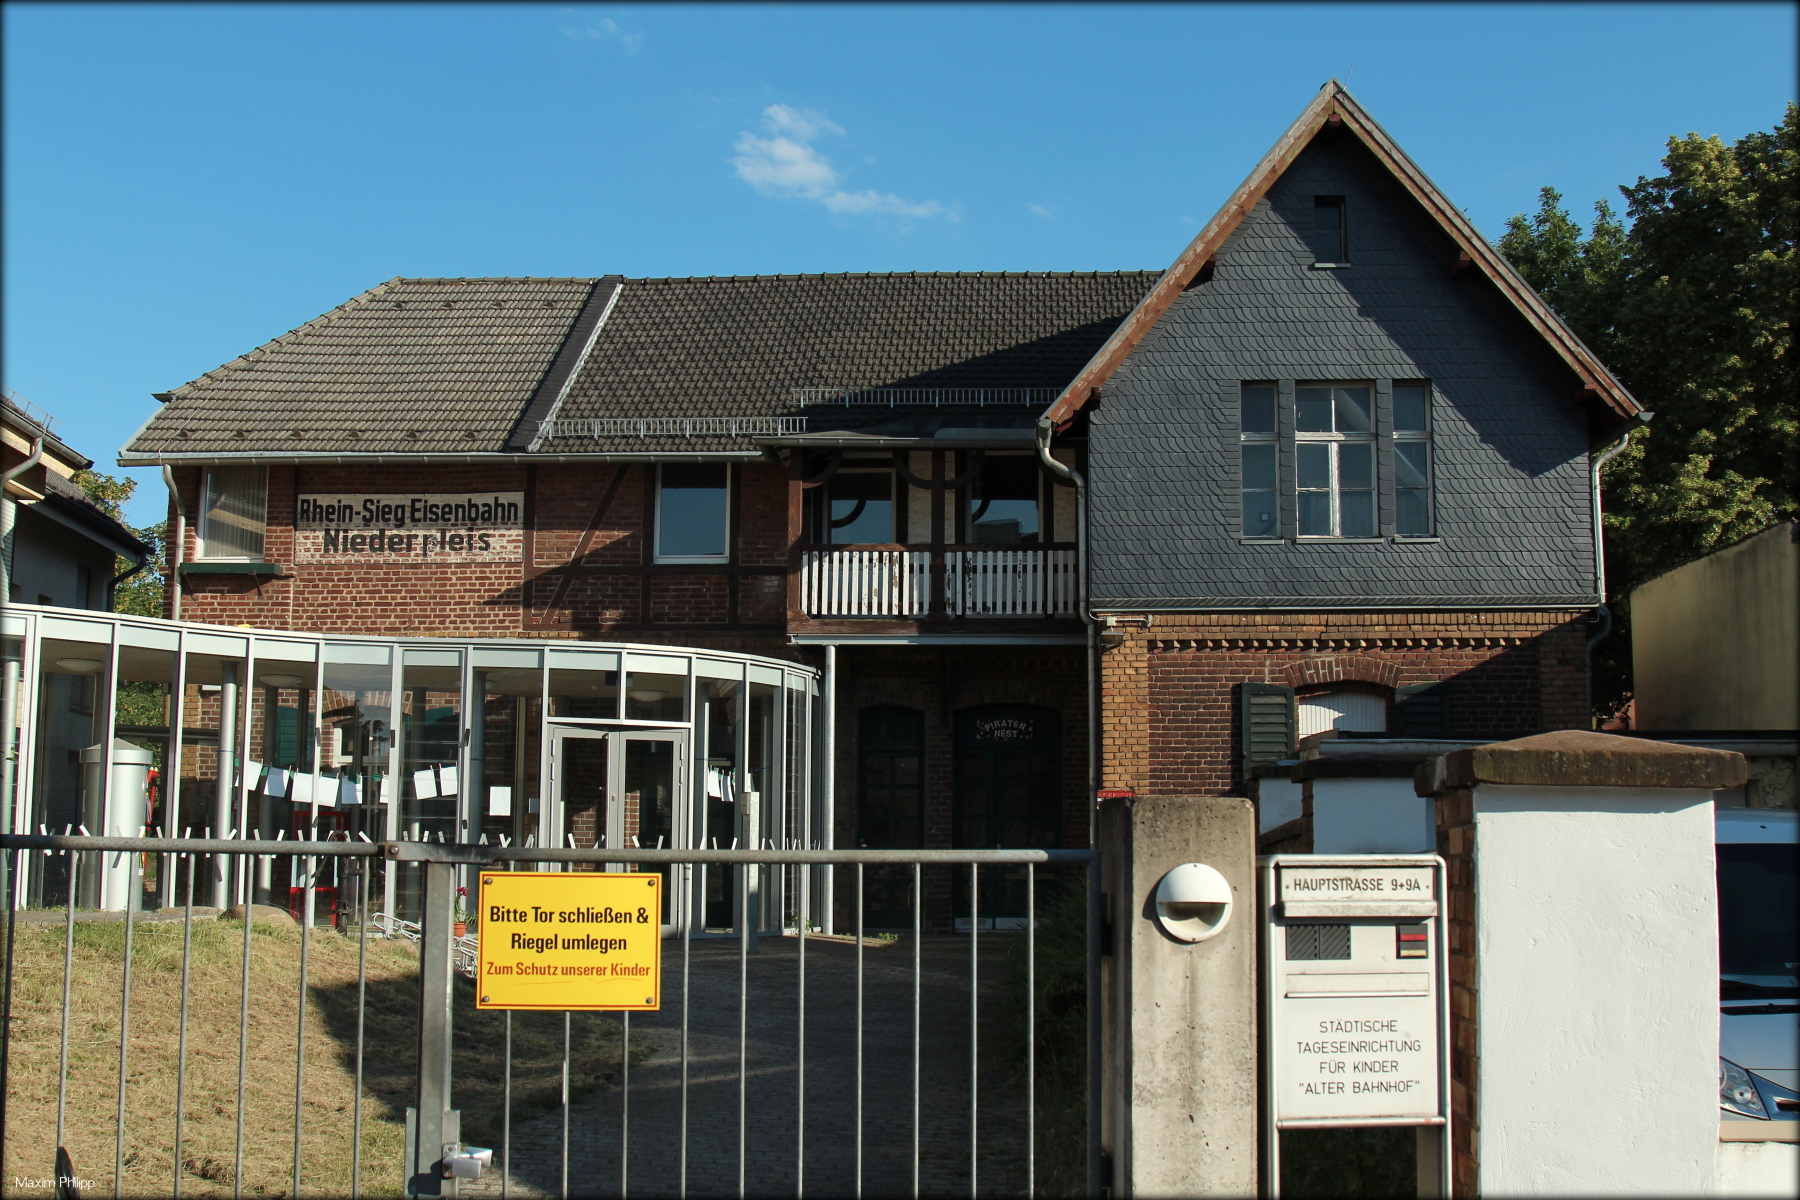 File Ehemaliger Bahnhof Niederpleis Heutige Nutzung Als Kindertagesstätte Jpg